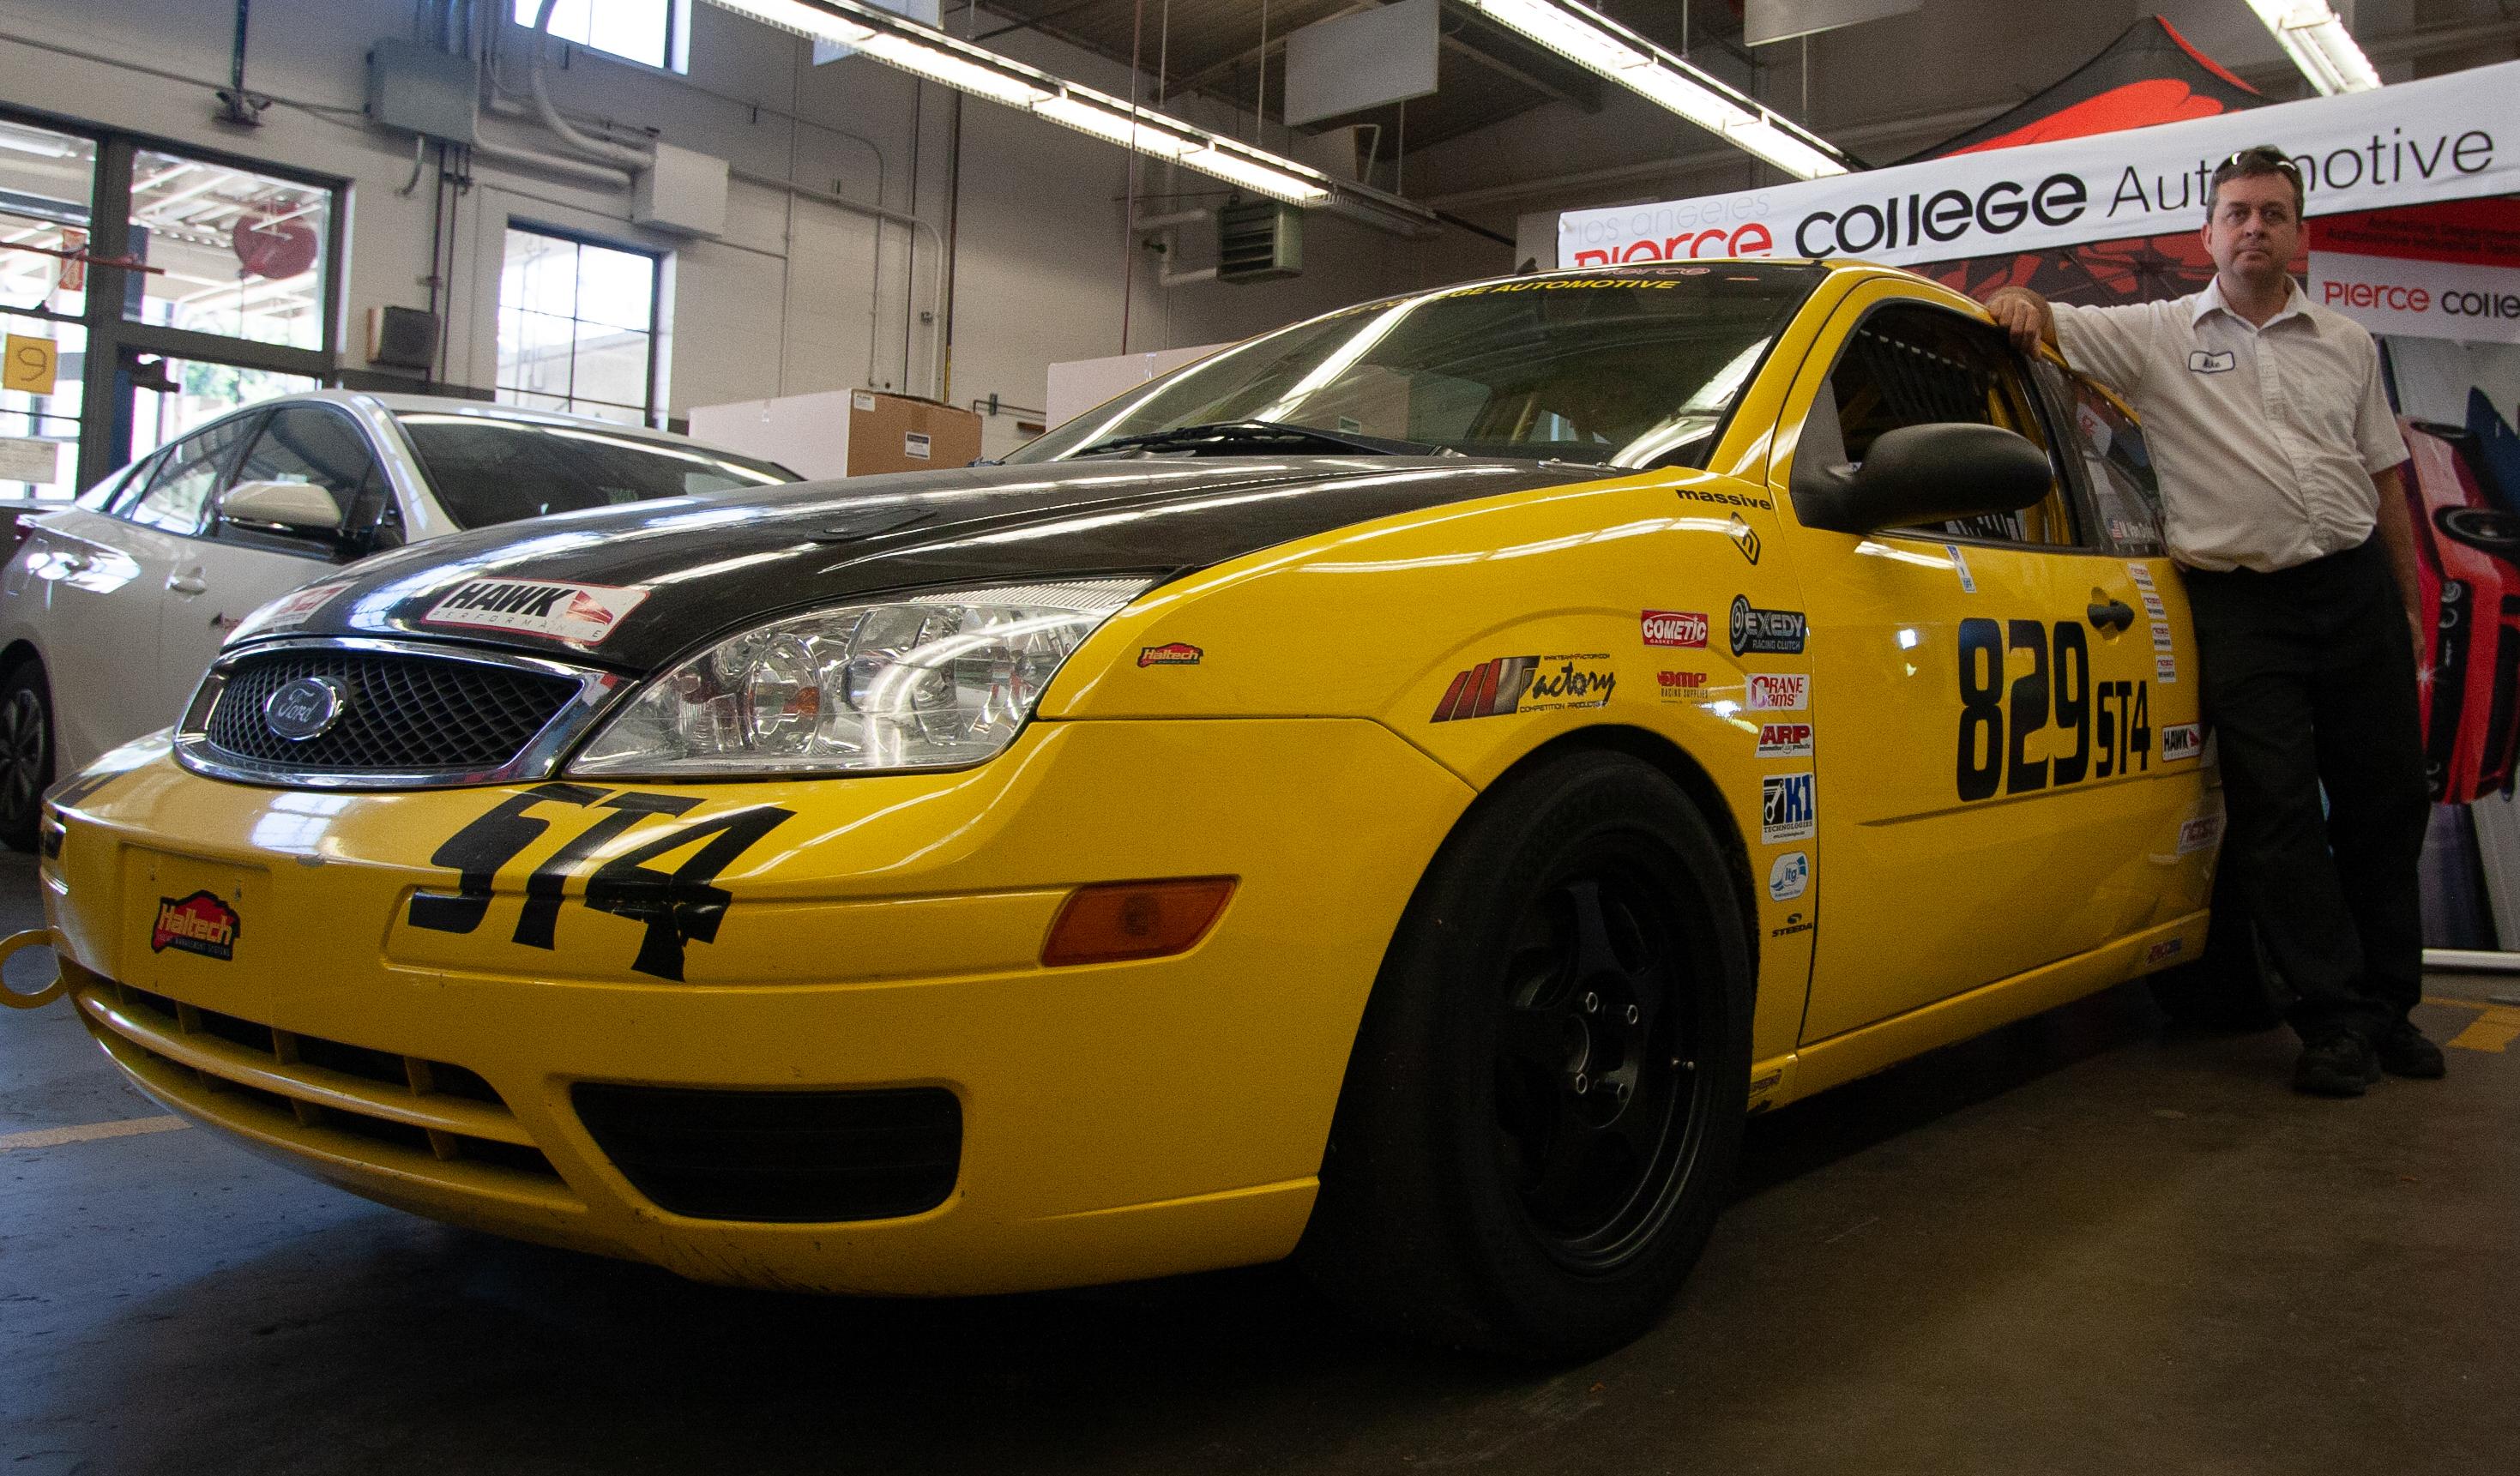 From passenger car to full on racecar